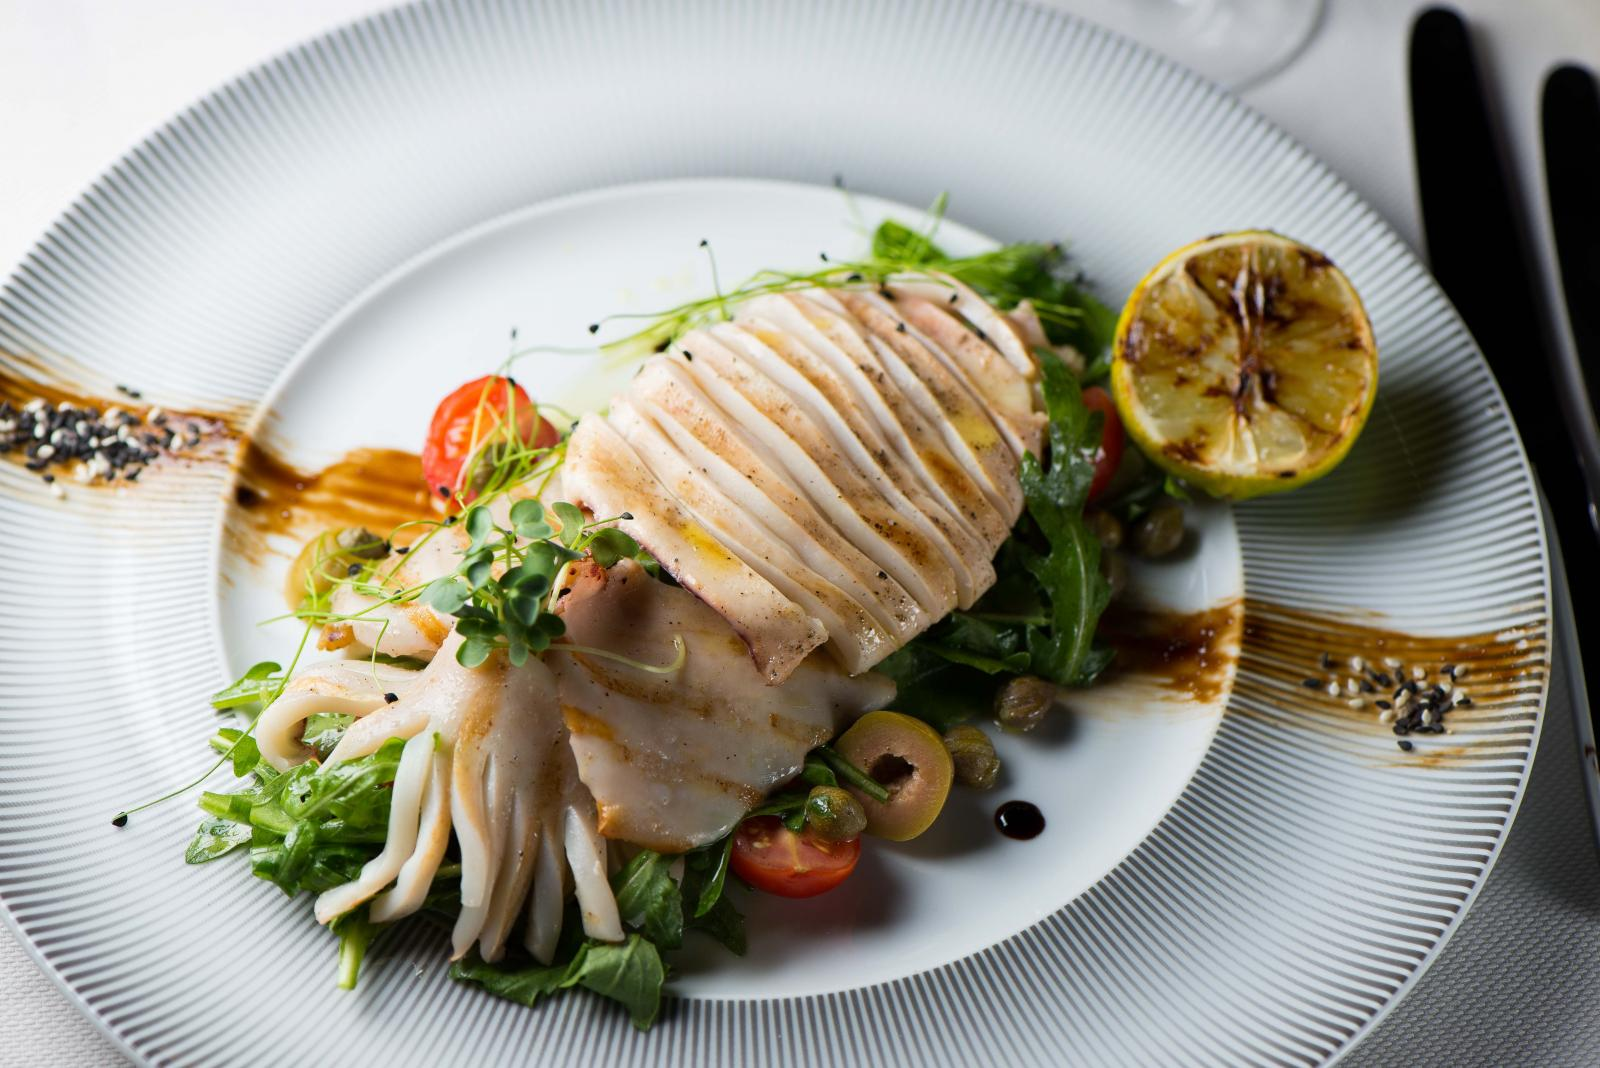 фото морепродуктов блюд для меню